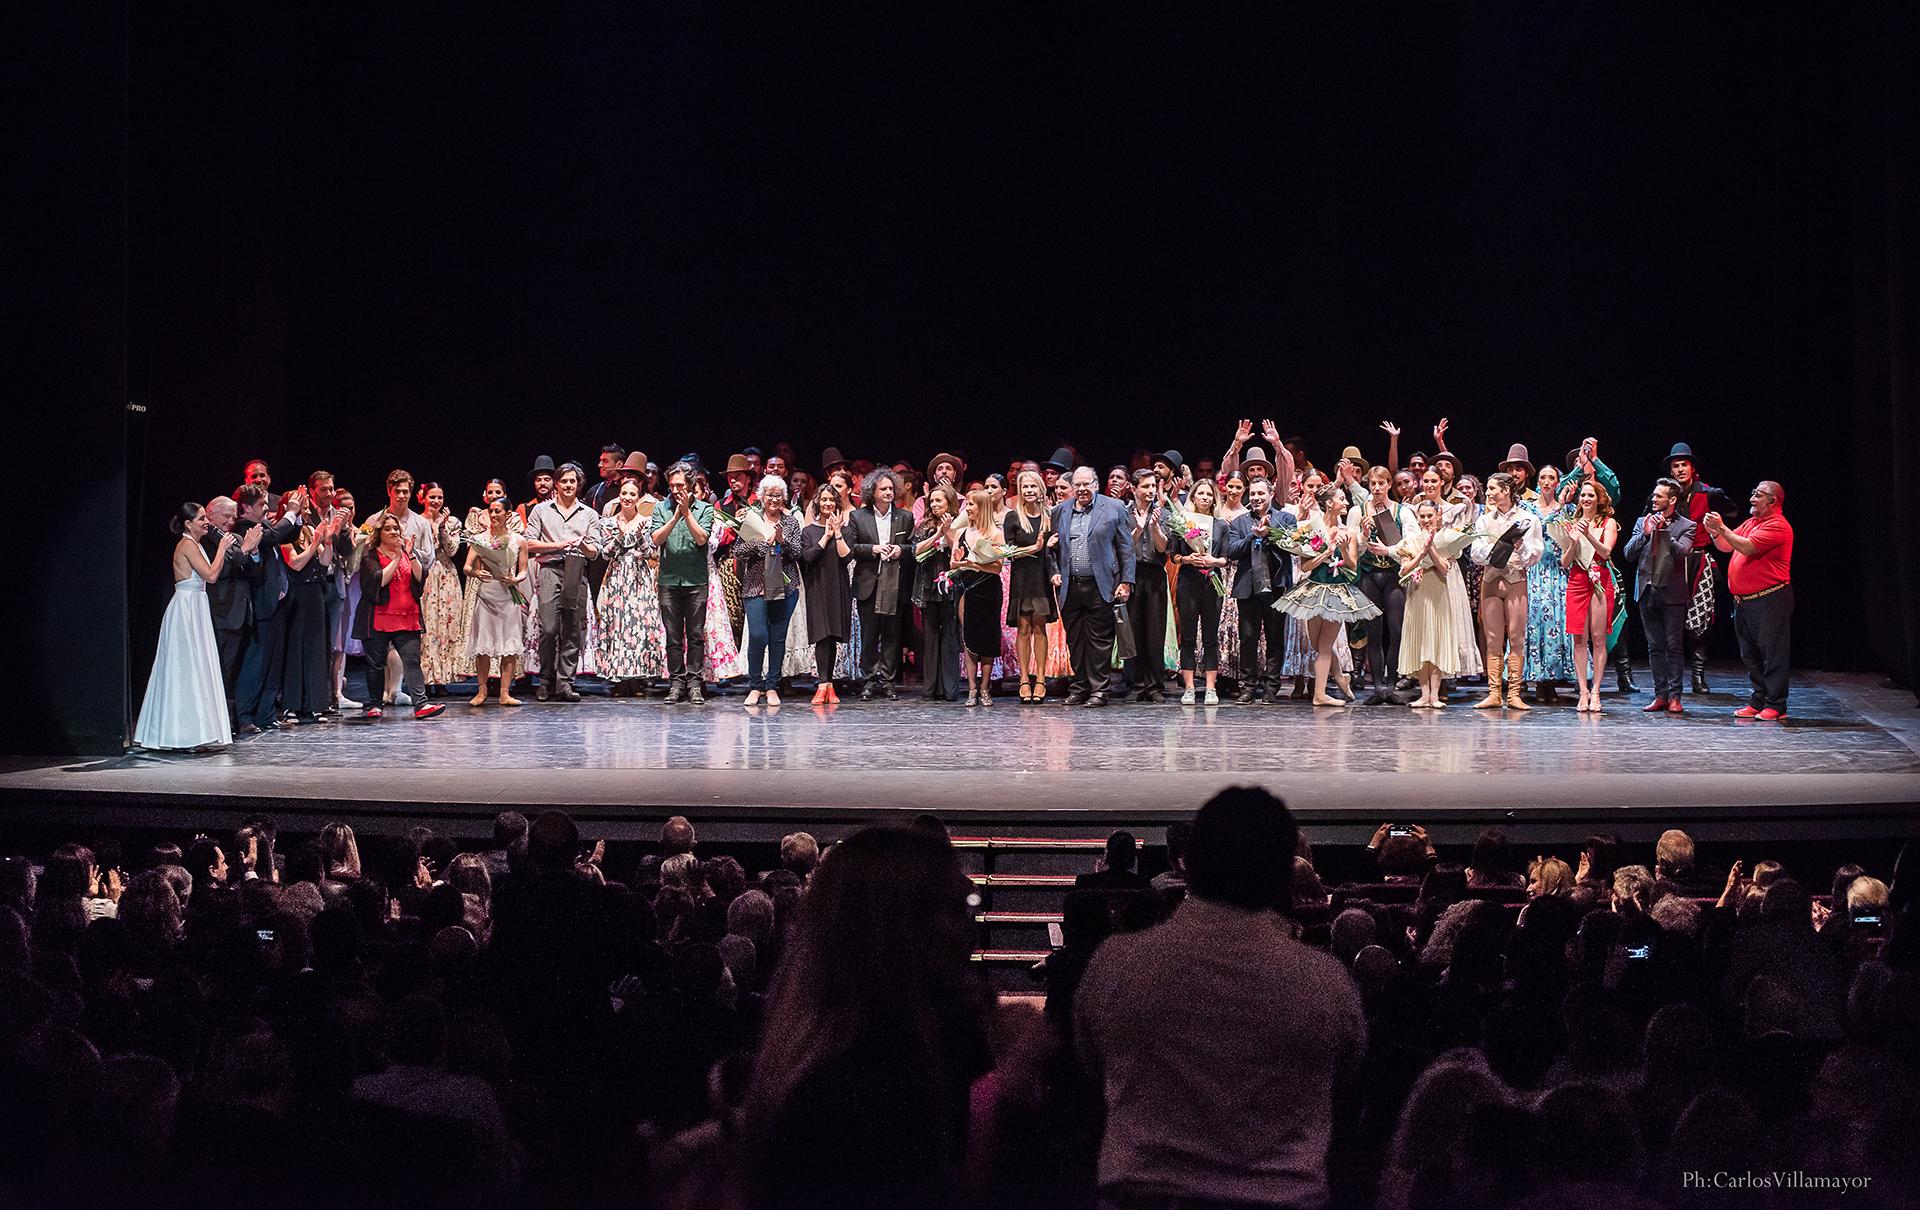 El gran evento a beneficio de la Fundación Julio Bocca, el Patronato de la Infancia y Manos en Acción, que se llevó a cabo en el Teatro Coliseo